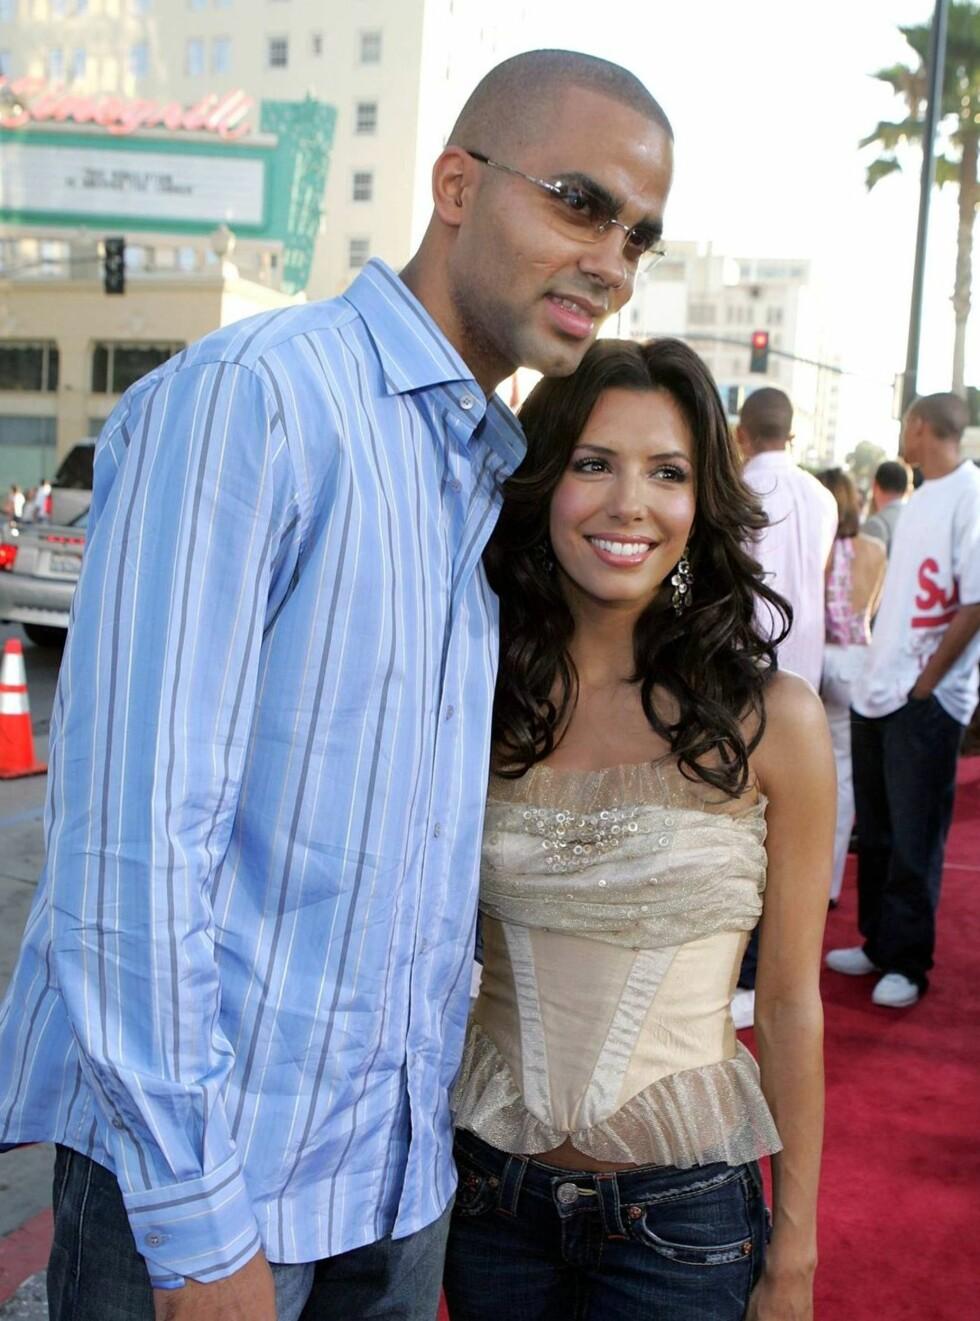 SEXY PAR: Tony og Eva - her avbildet med klær. Foto: All Over Press